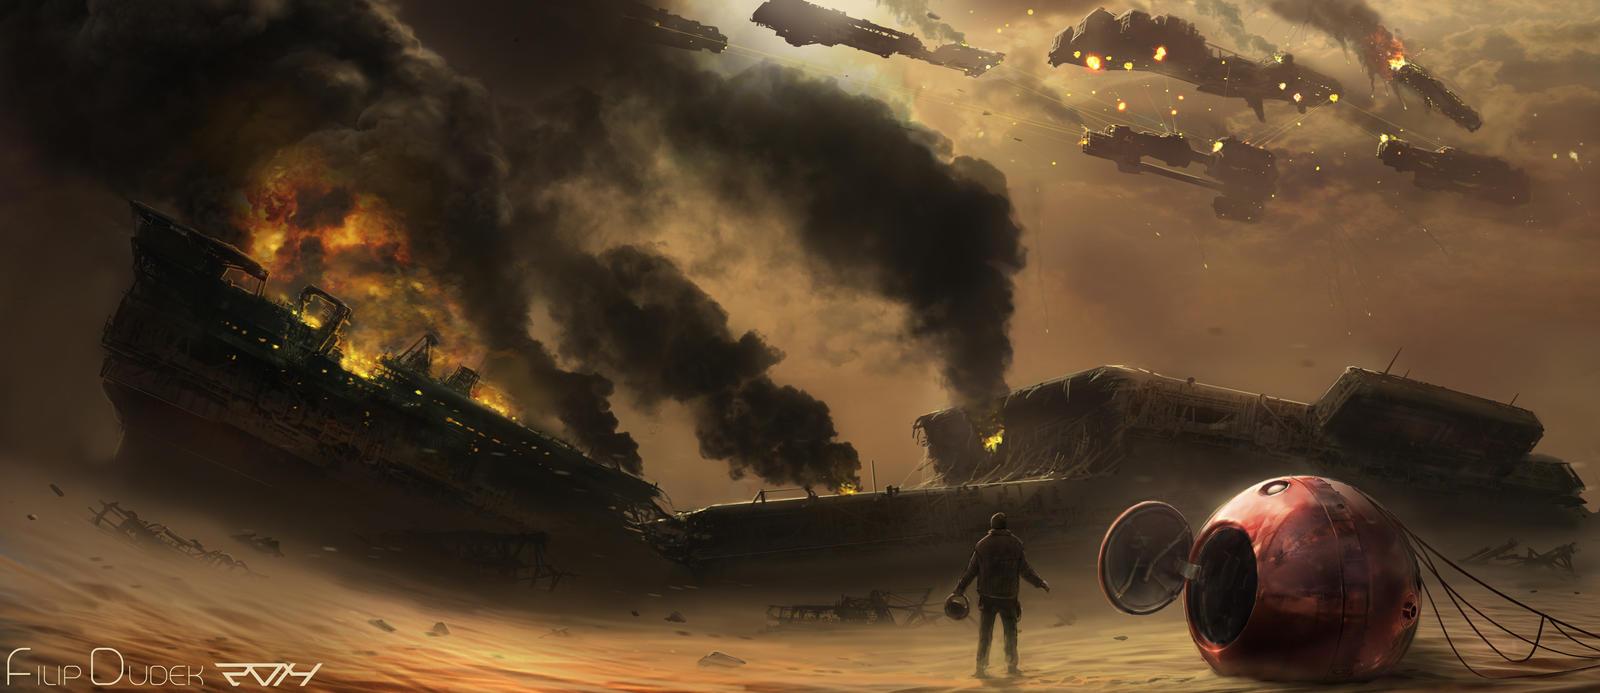 battle over desert